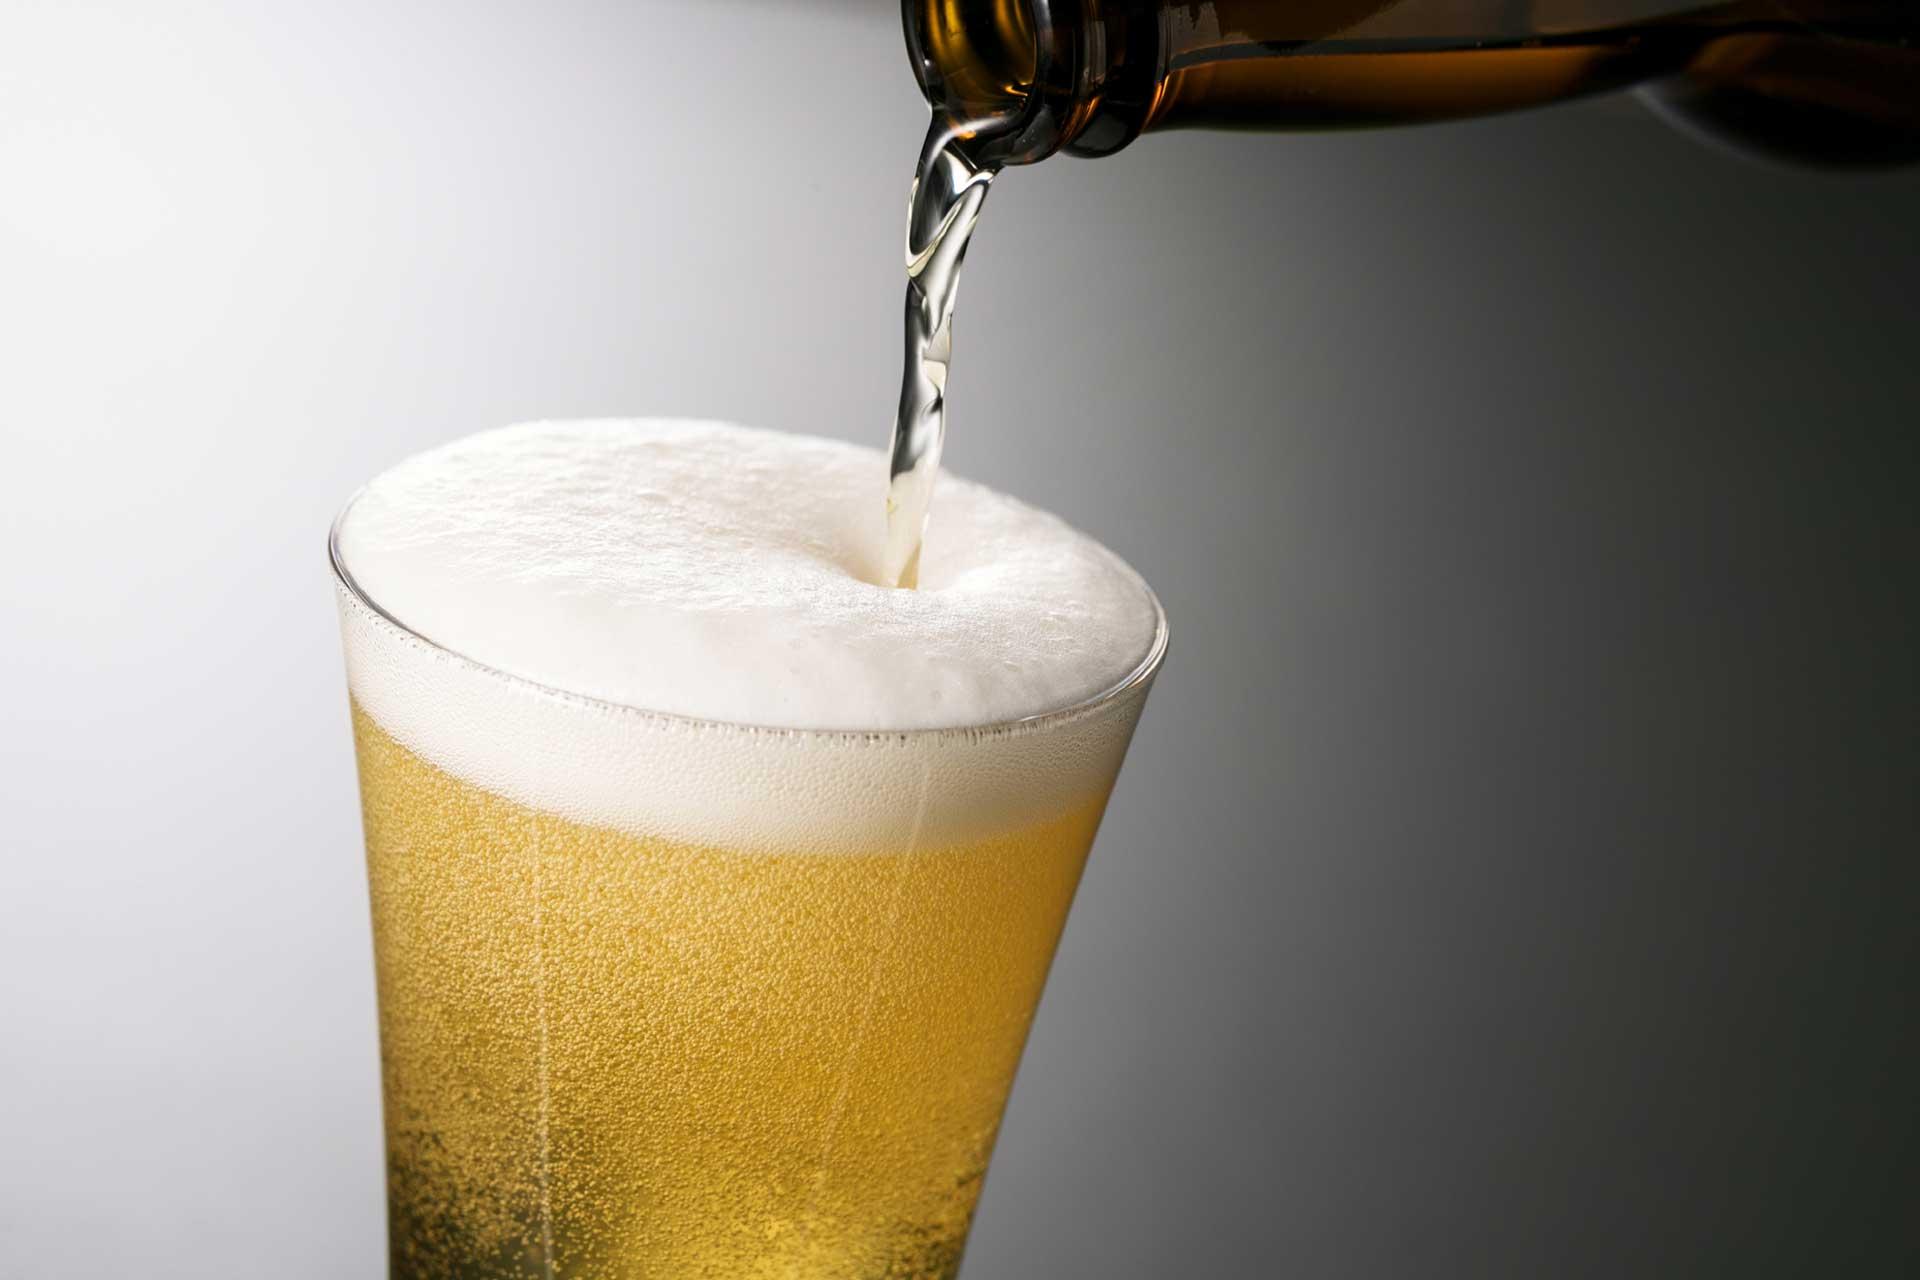 川場ビール<ヴァイツェン>セットの商品詳細イメージ-1401